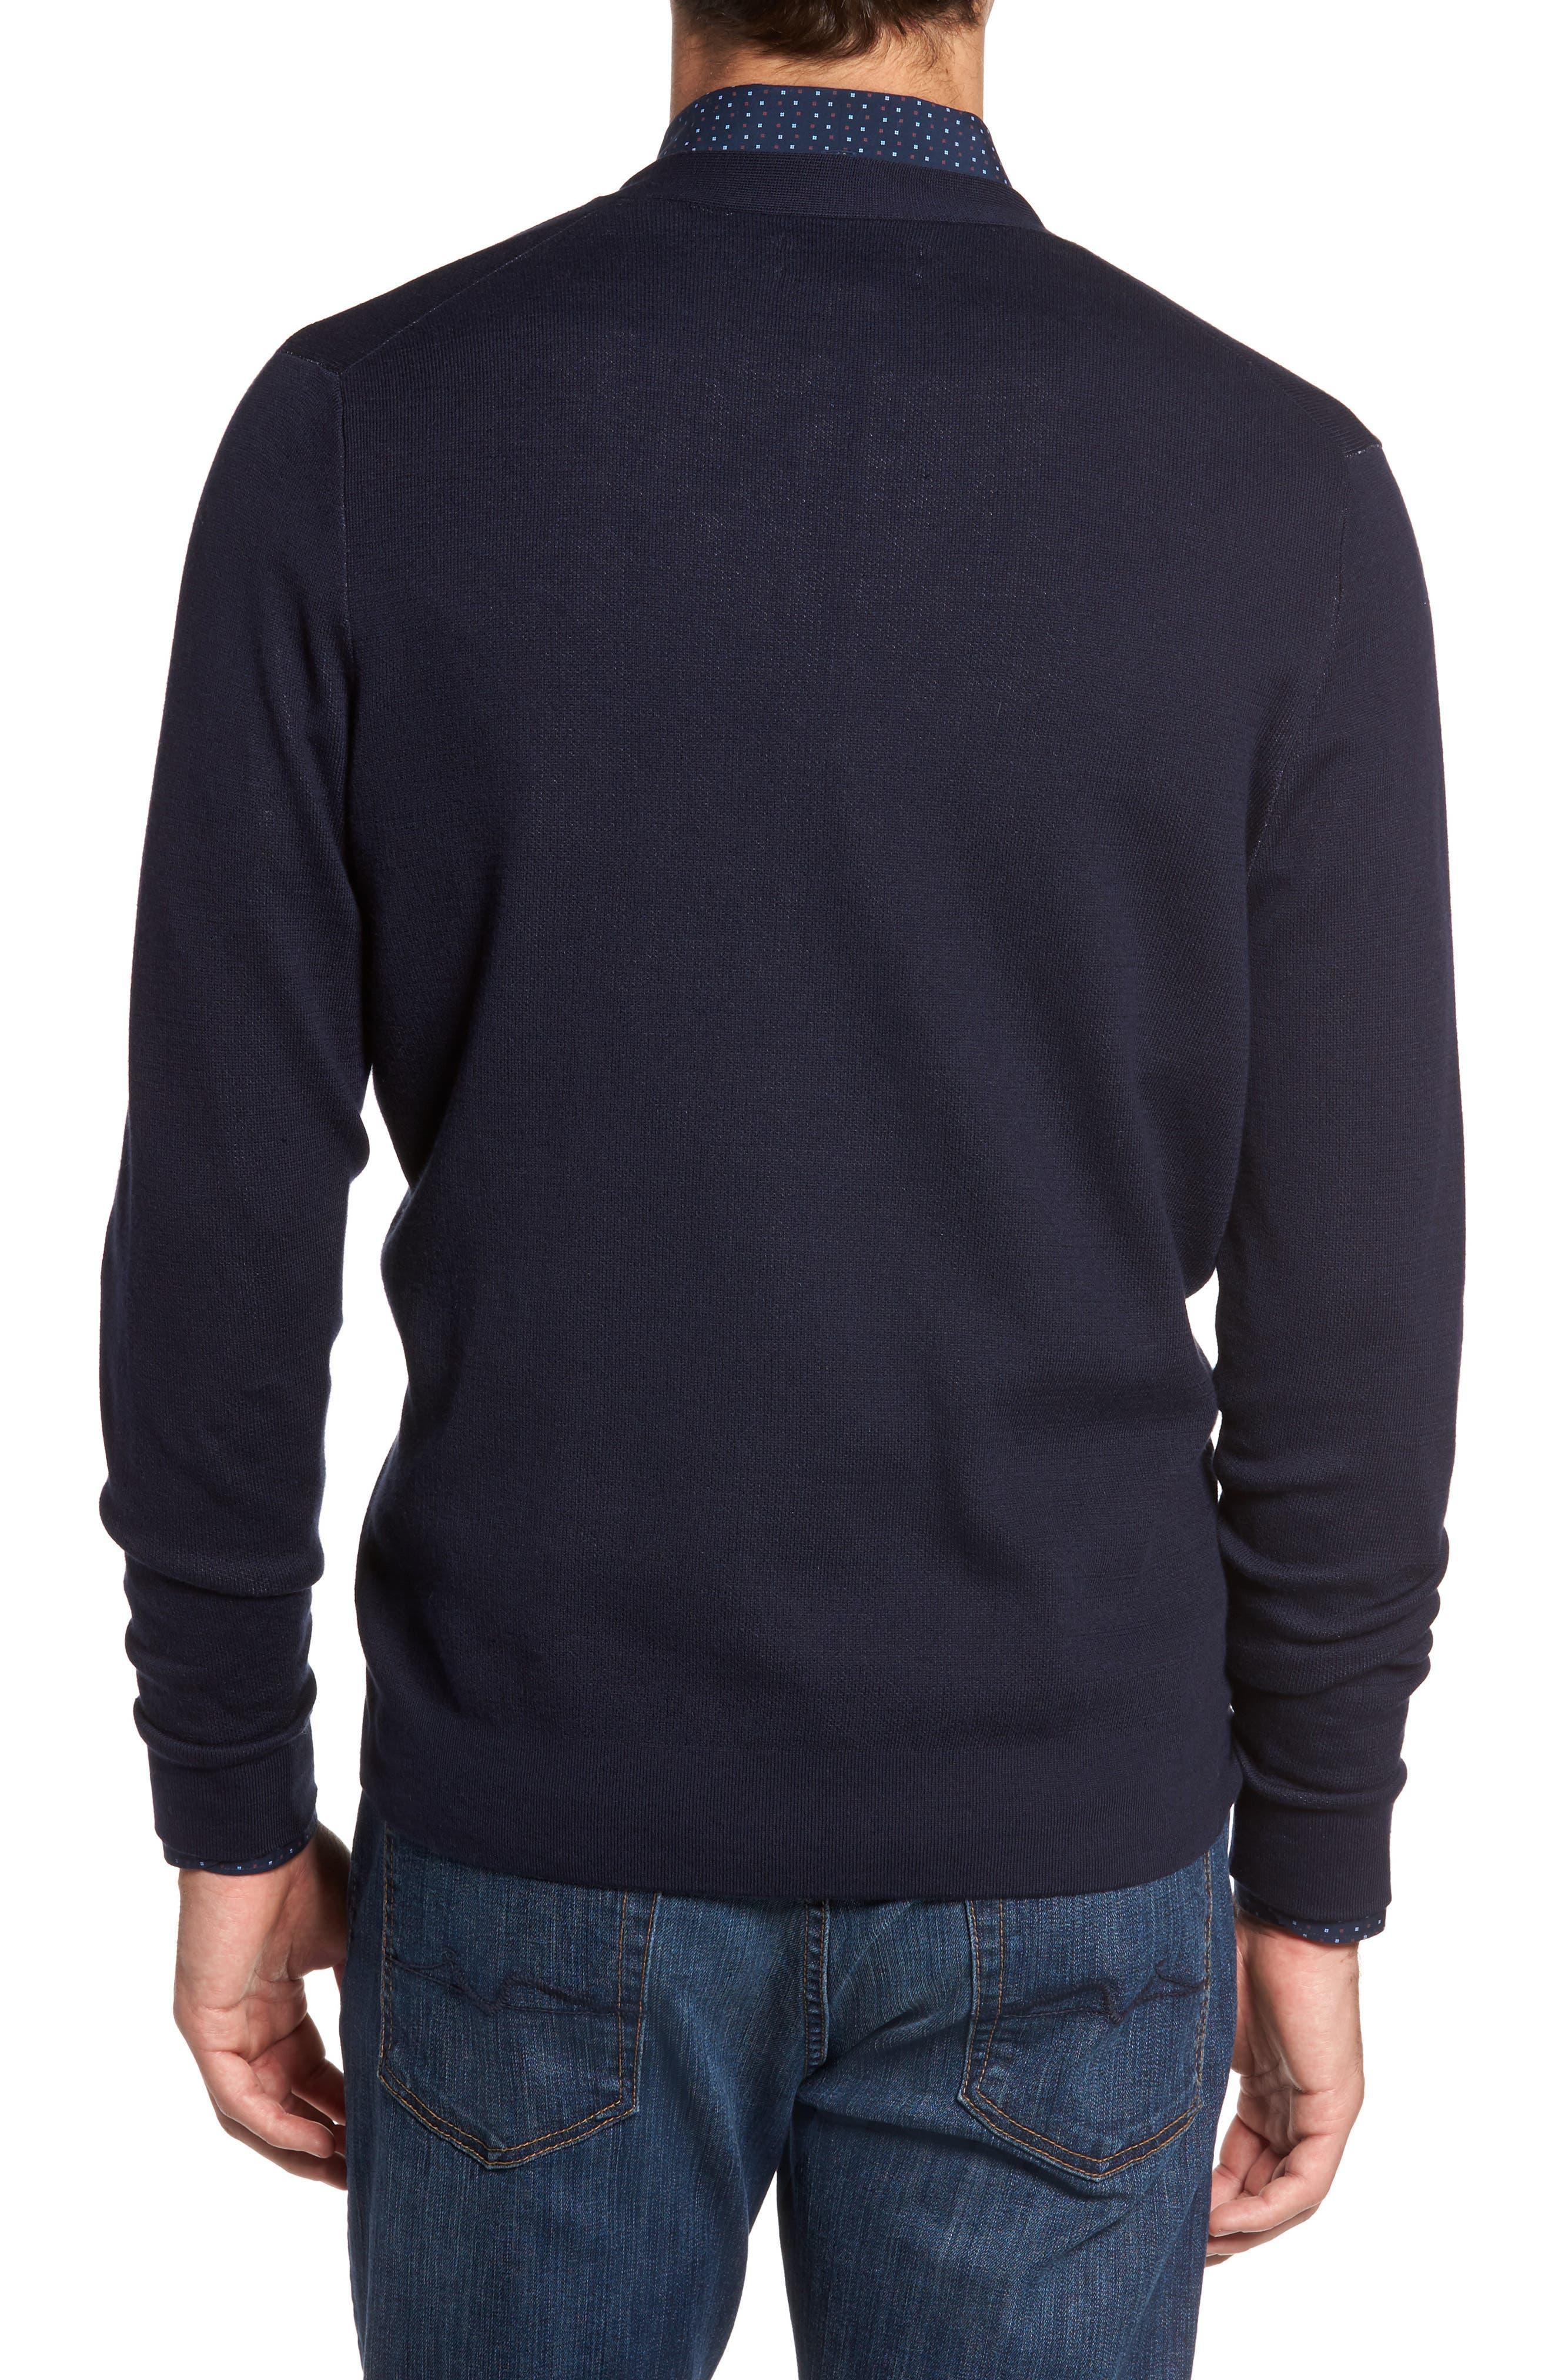 Alternate Image 2  - Nordstrom Men's Shop Cotton Blend Cardigan